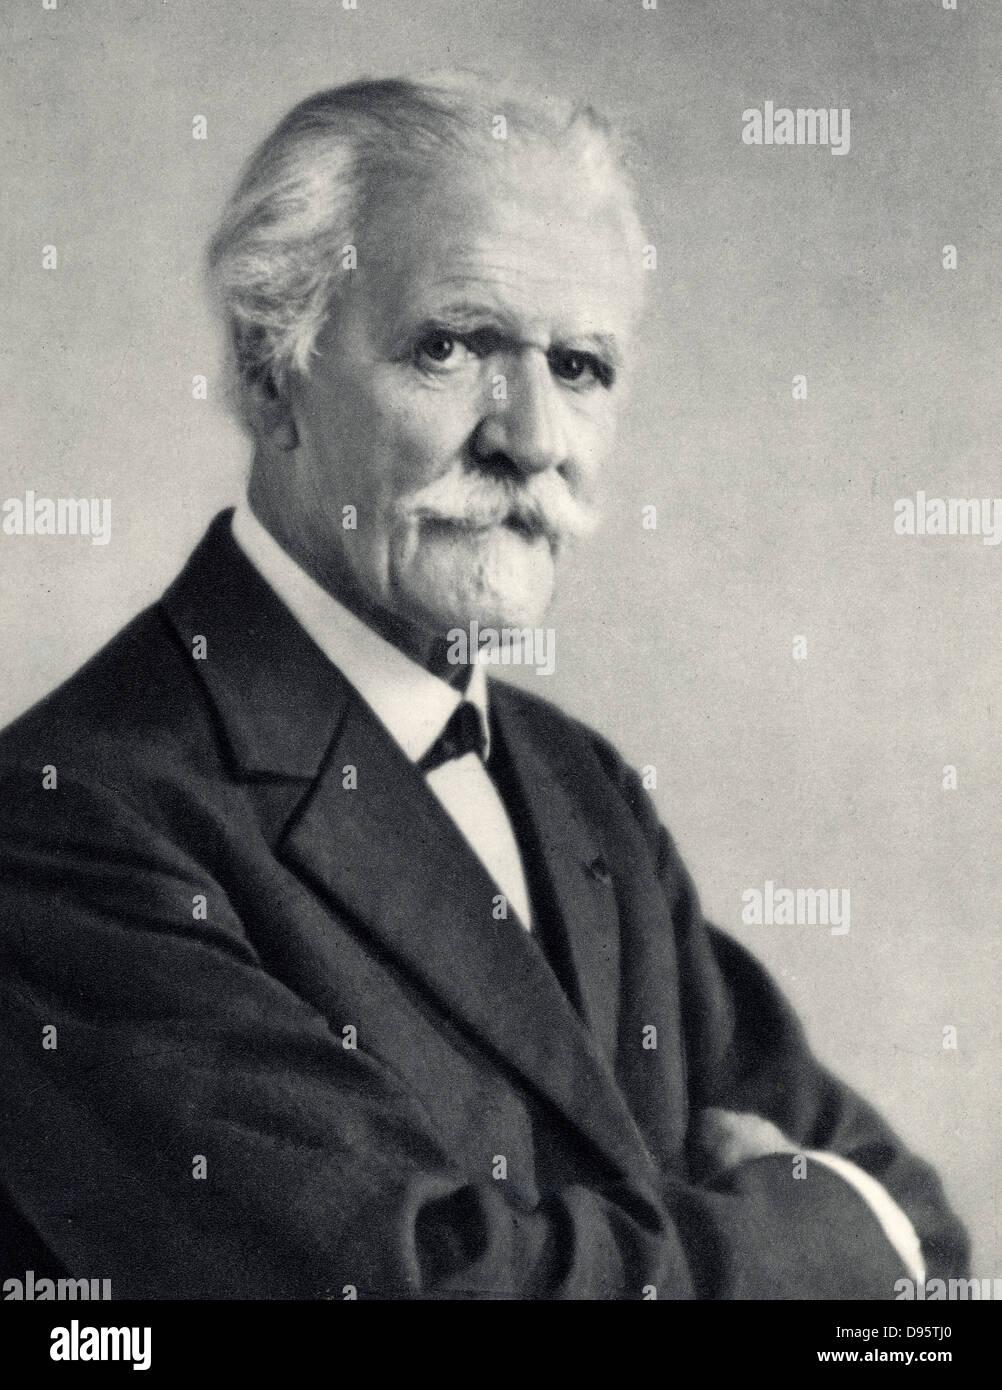 (Paul Marie Theodore) Vincent D'Indy (1851-1931) il compositore francese. Da una fotografia. Immagini Stock